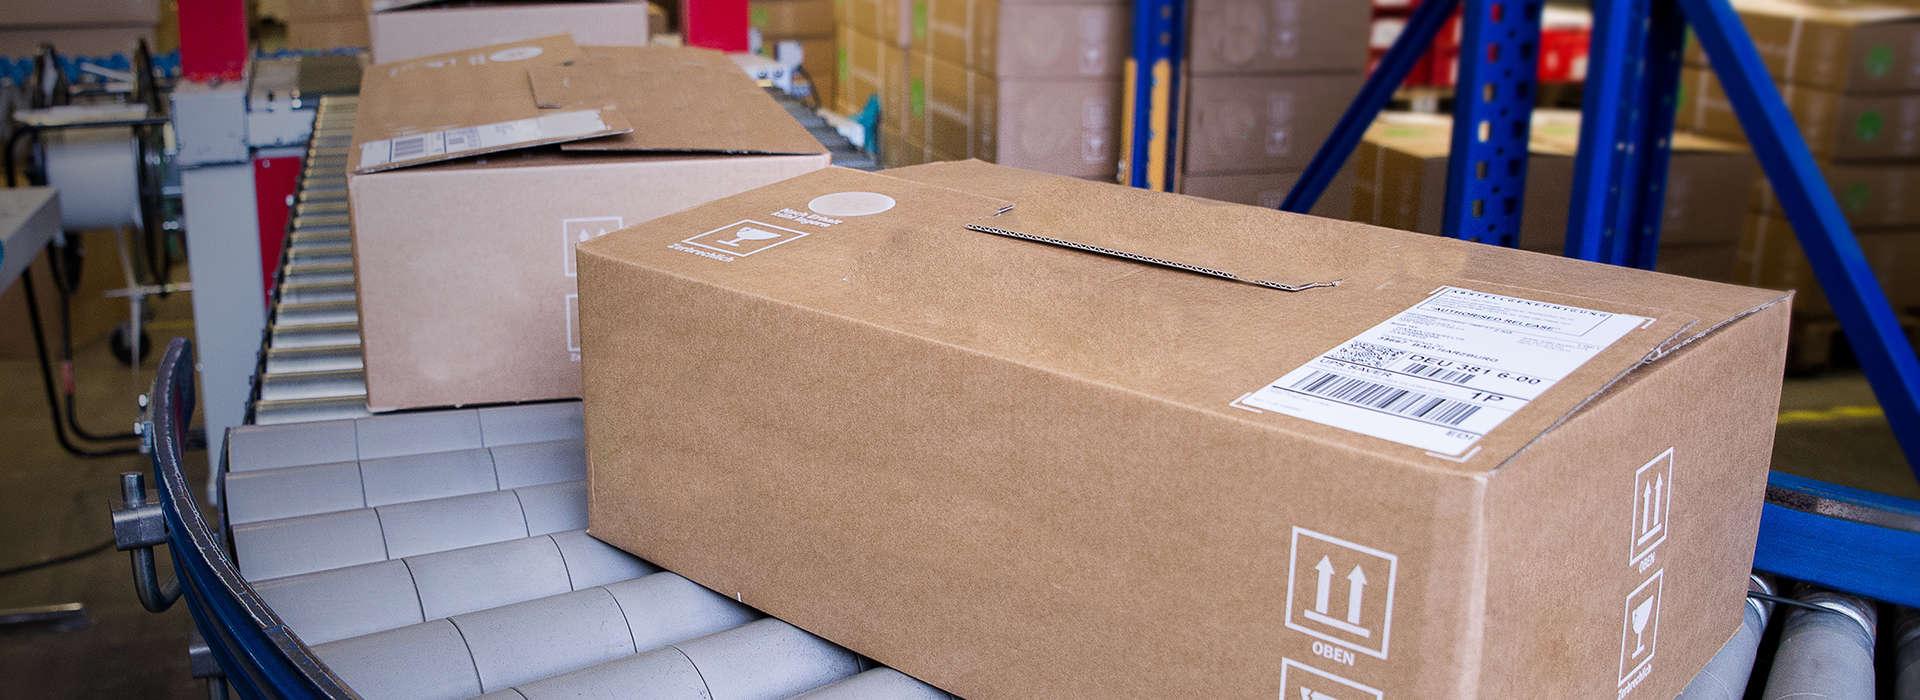 Paketbeförderung - Die Ware geht schnell und zuverlässig aus dem Lager.